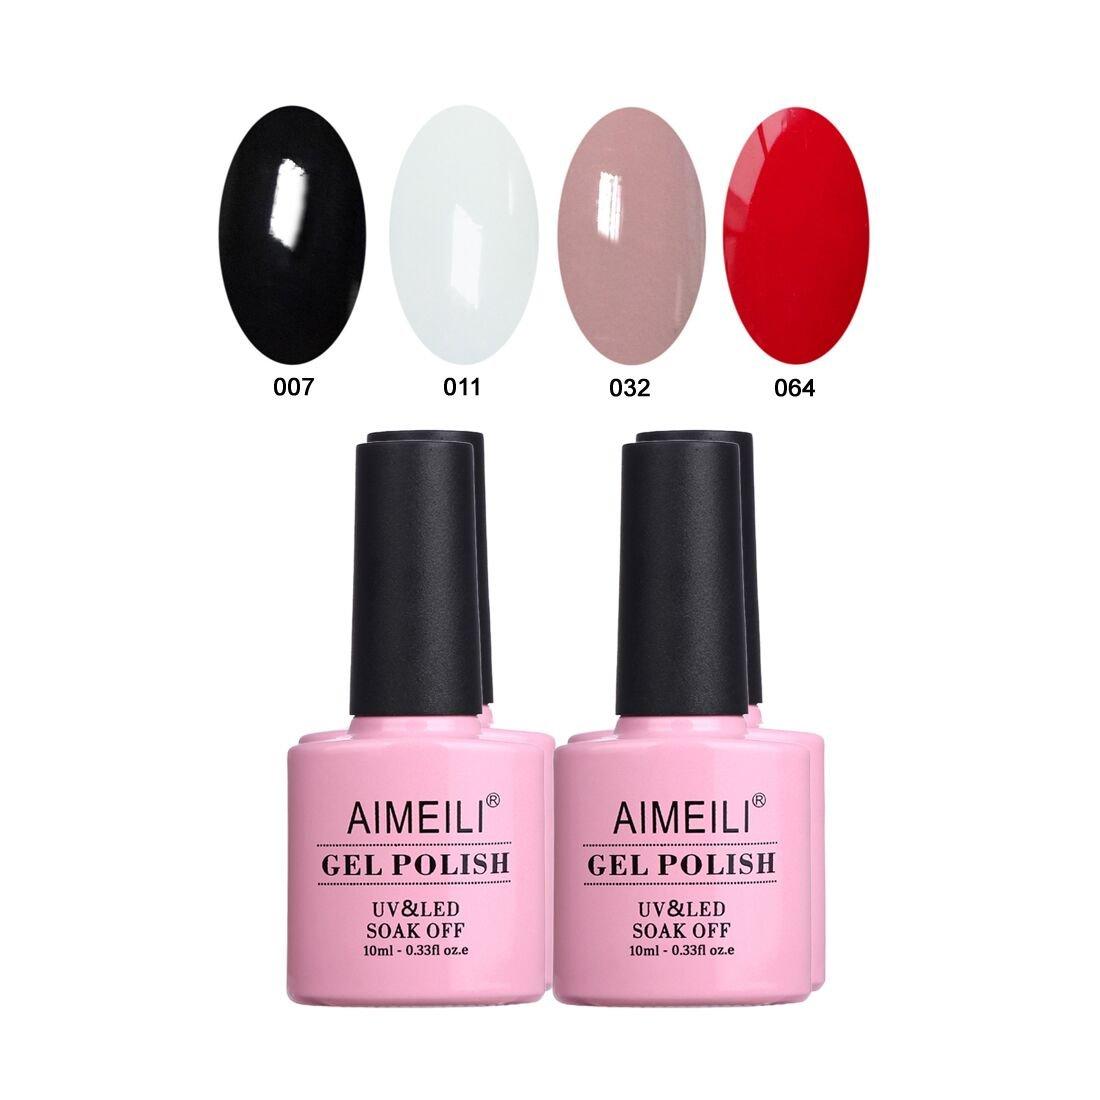 AIMEILI Gel Nail Polish Set Soak Off UV LED Gel Polish Black White Nude Red Multicolour/Mix Colour/Combo Colour Of 4pcs X 10ml - Gift Kit 19